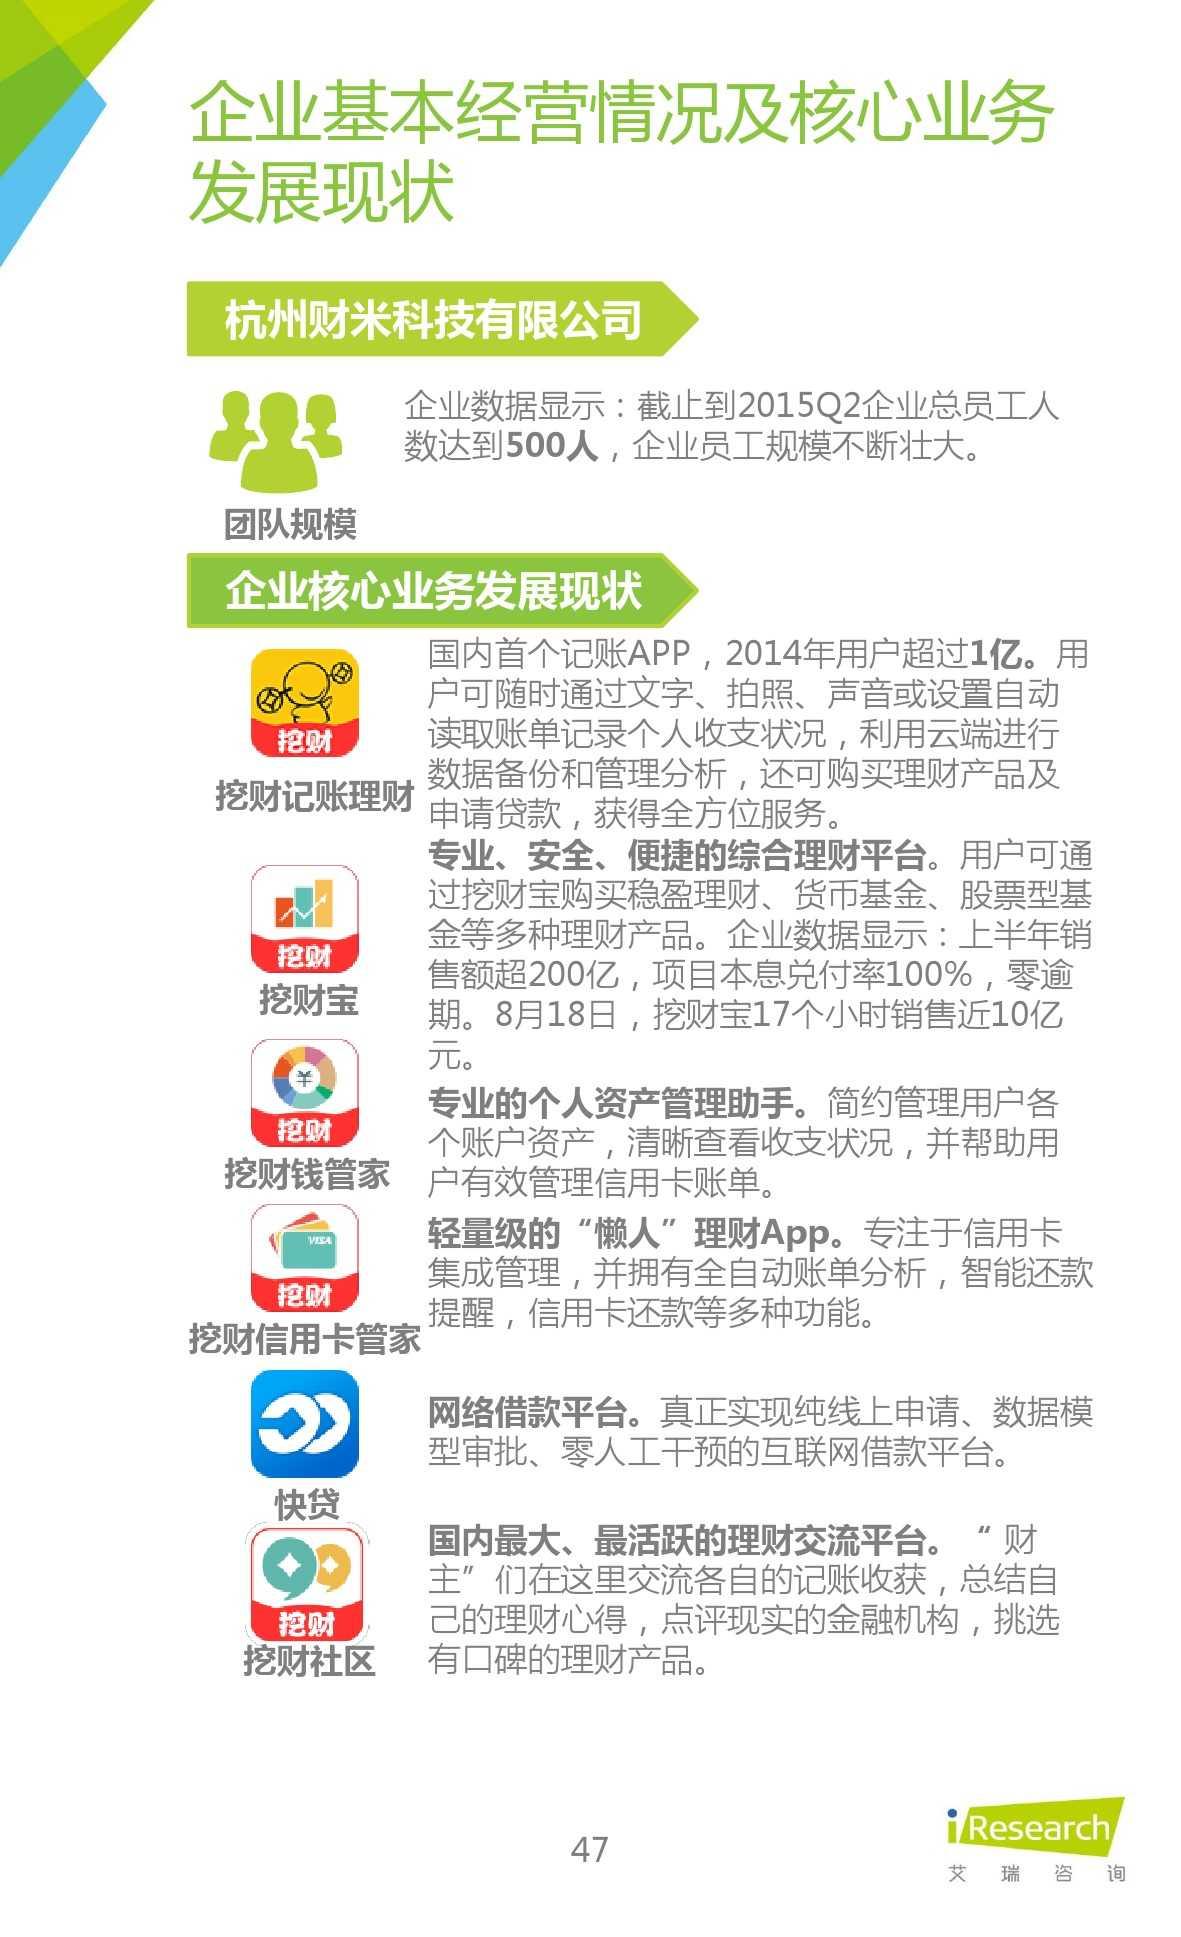 2015年中国生活理财移动App行业研究报告_000047